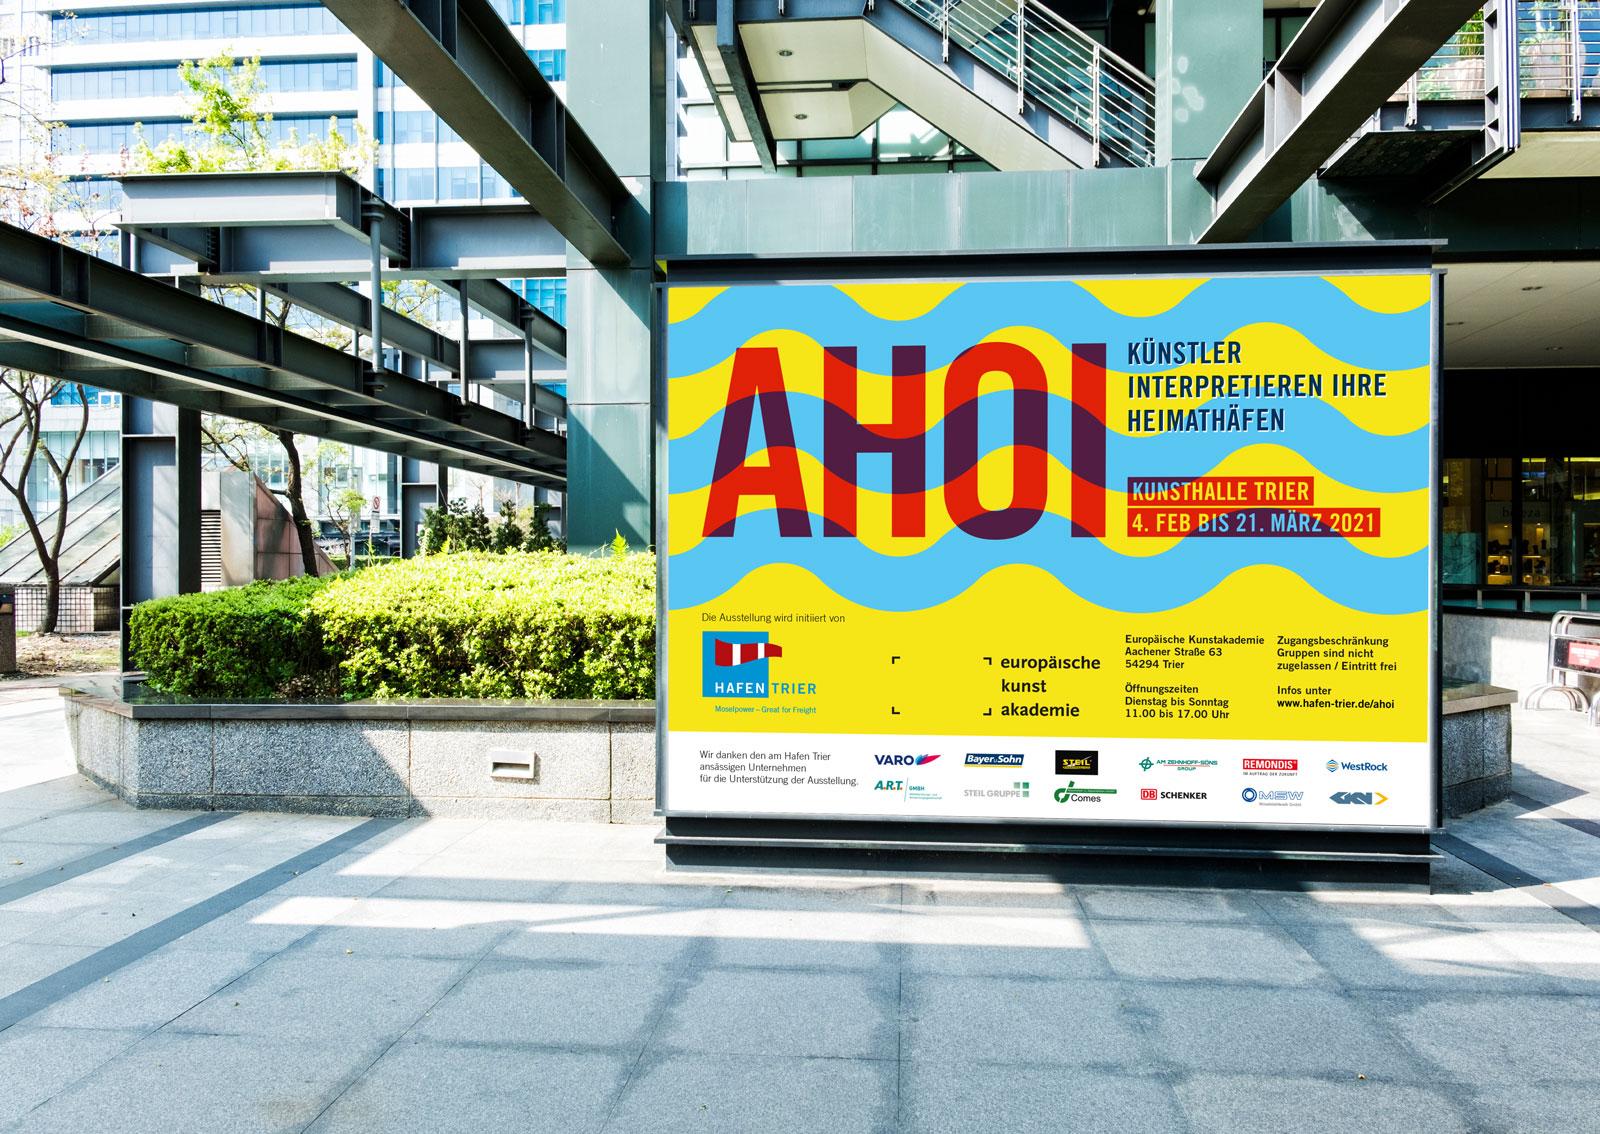 Grossflächenplakat für die Ausstellung Ahoi